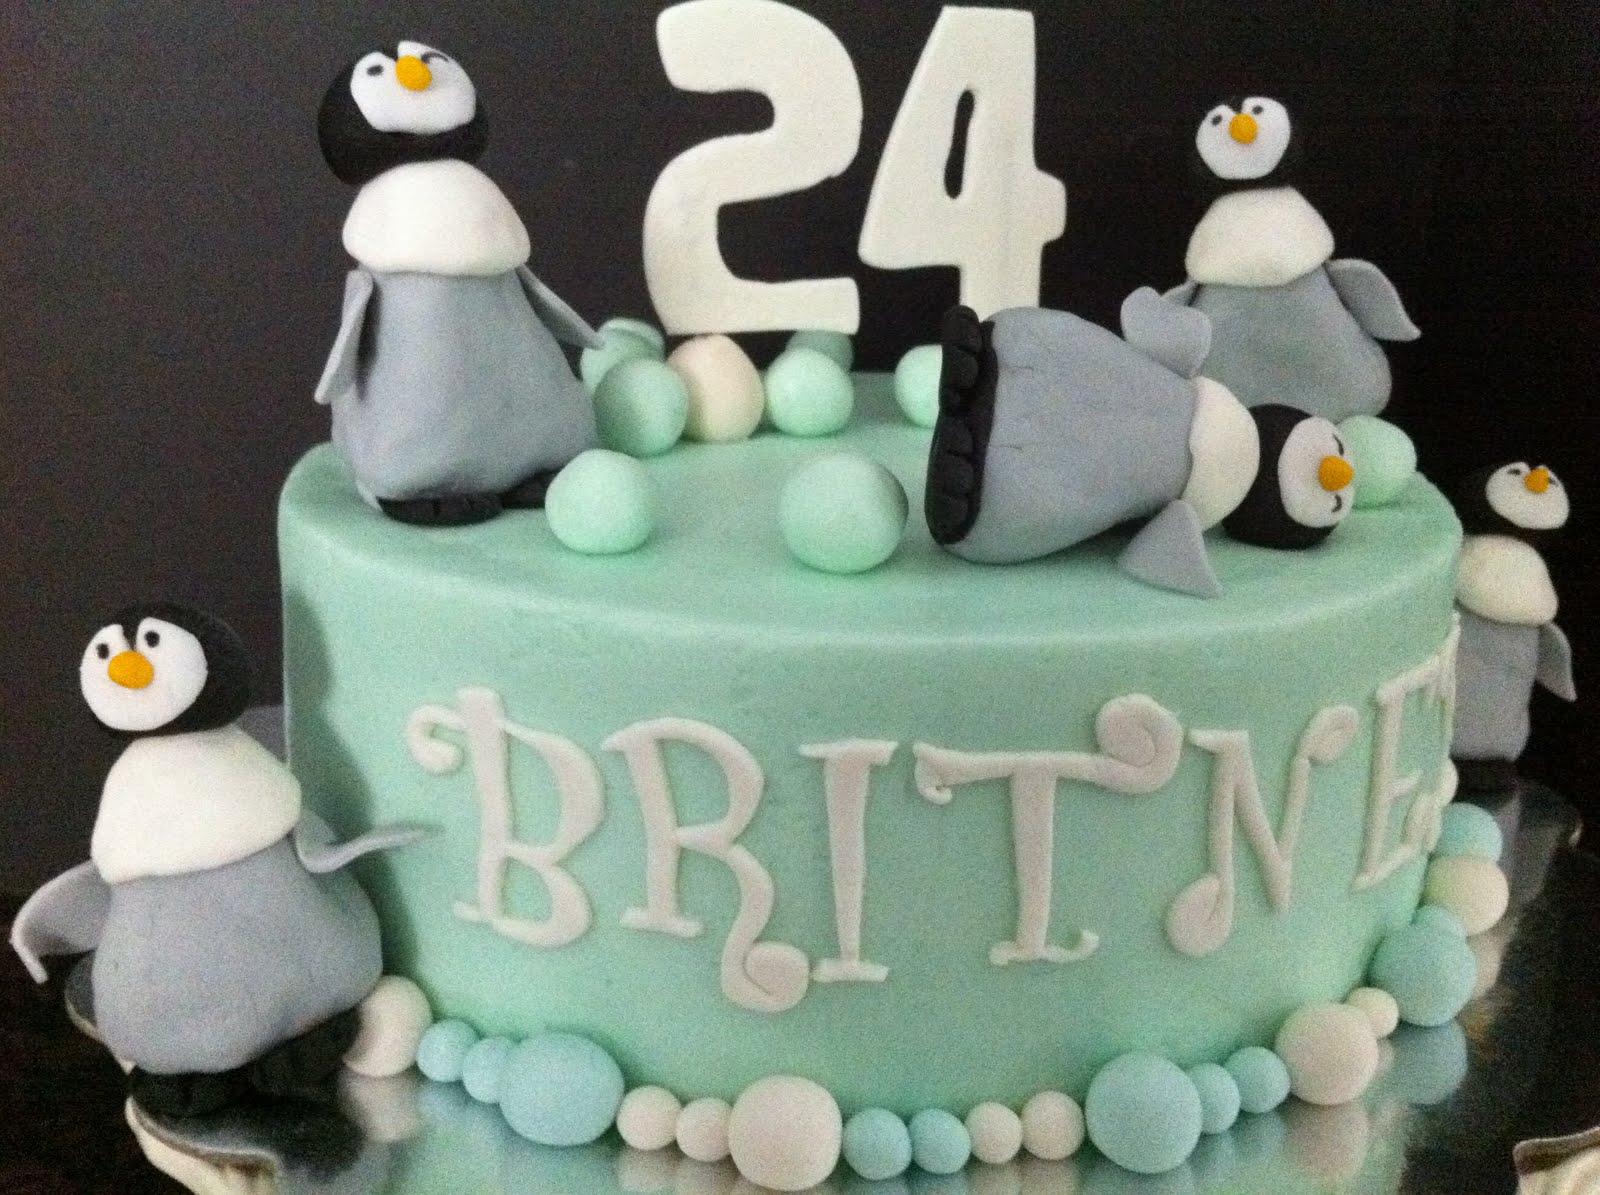 Penguin Birthday Cake My Sweet Zepol